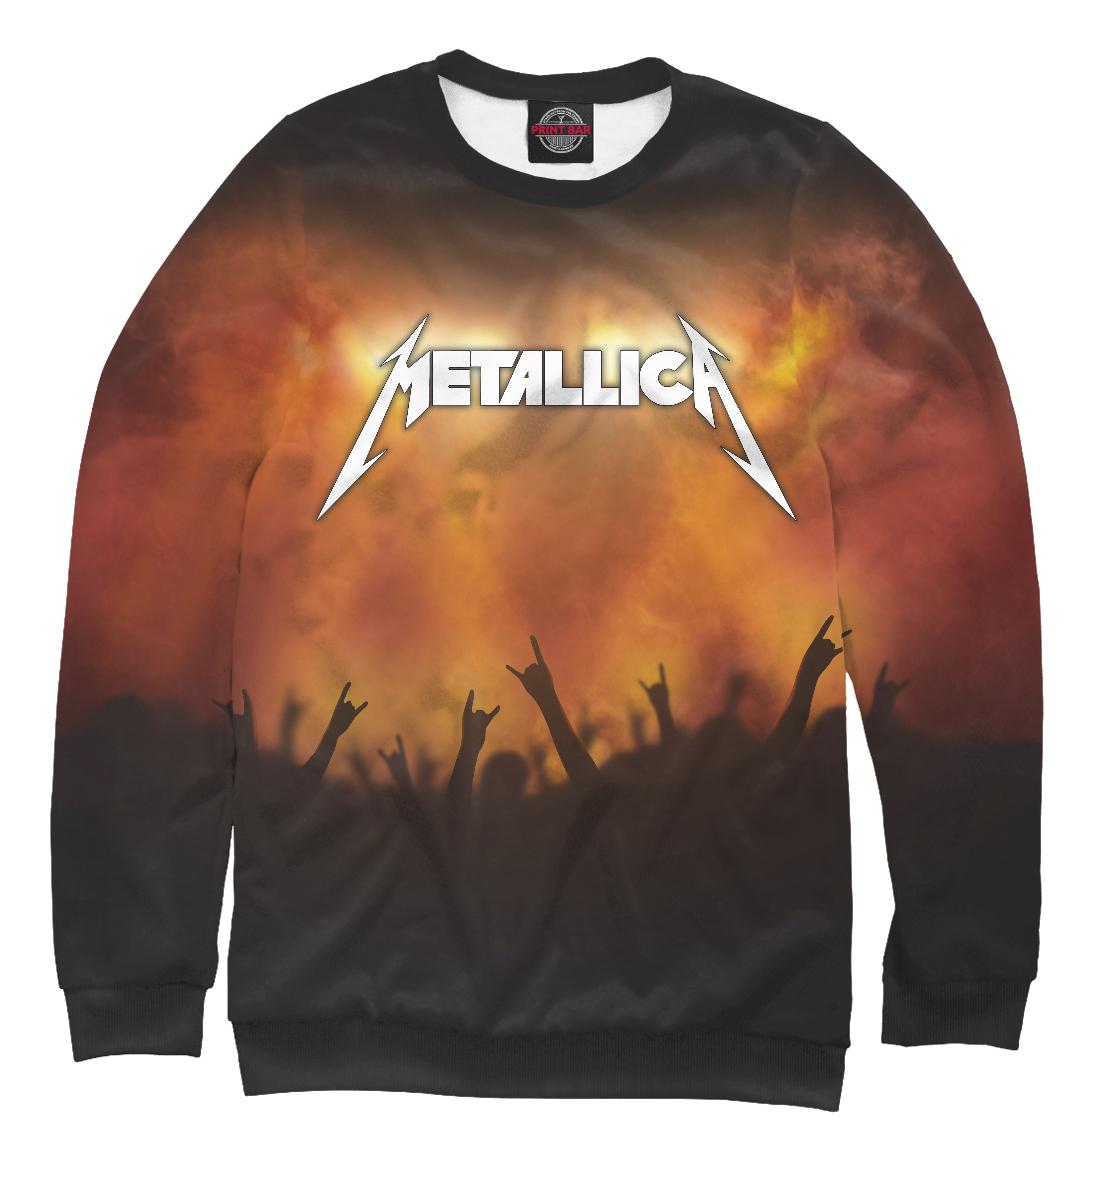 Купить Metallica, Printbar, Свитшоты, MET-778192-swi-2